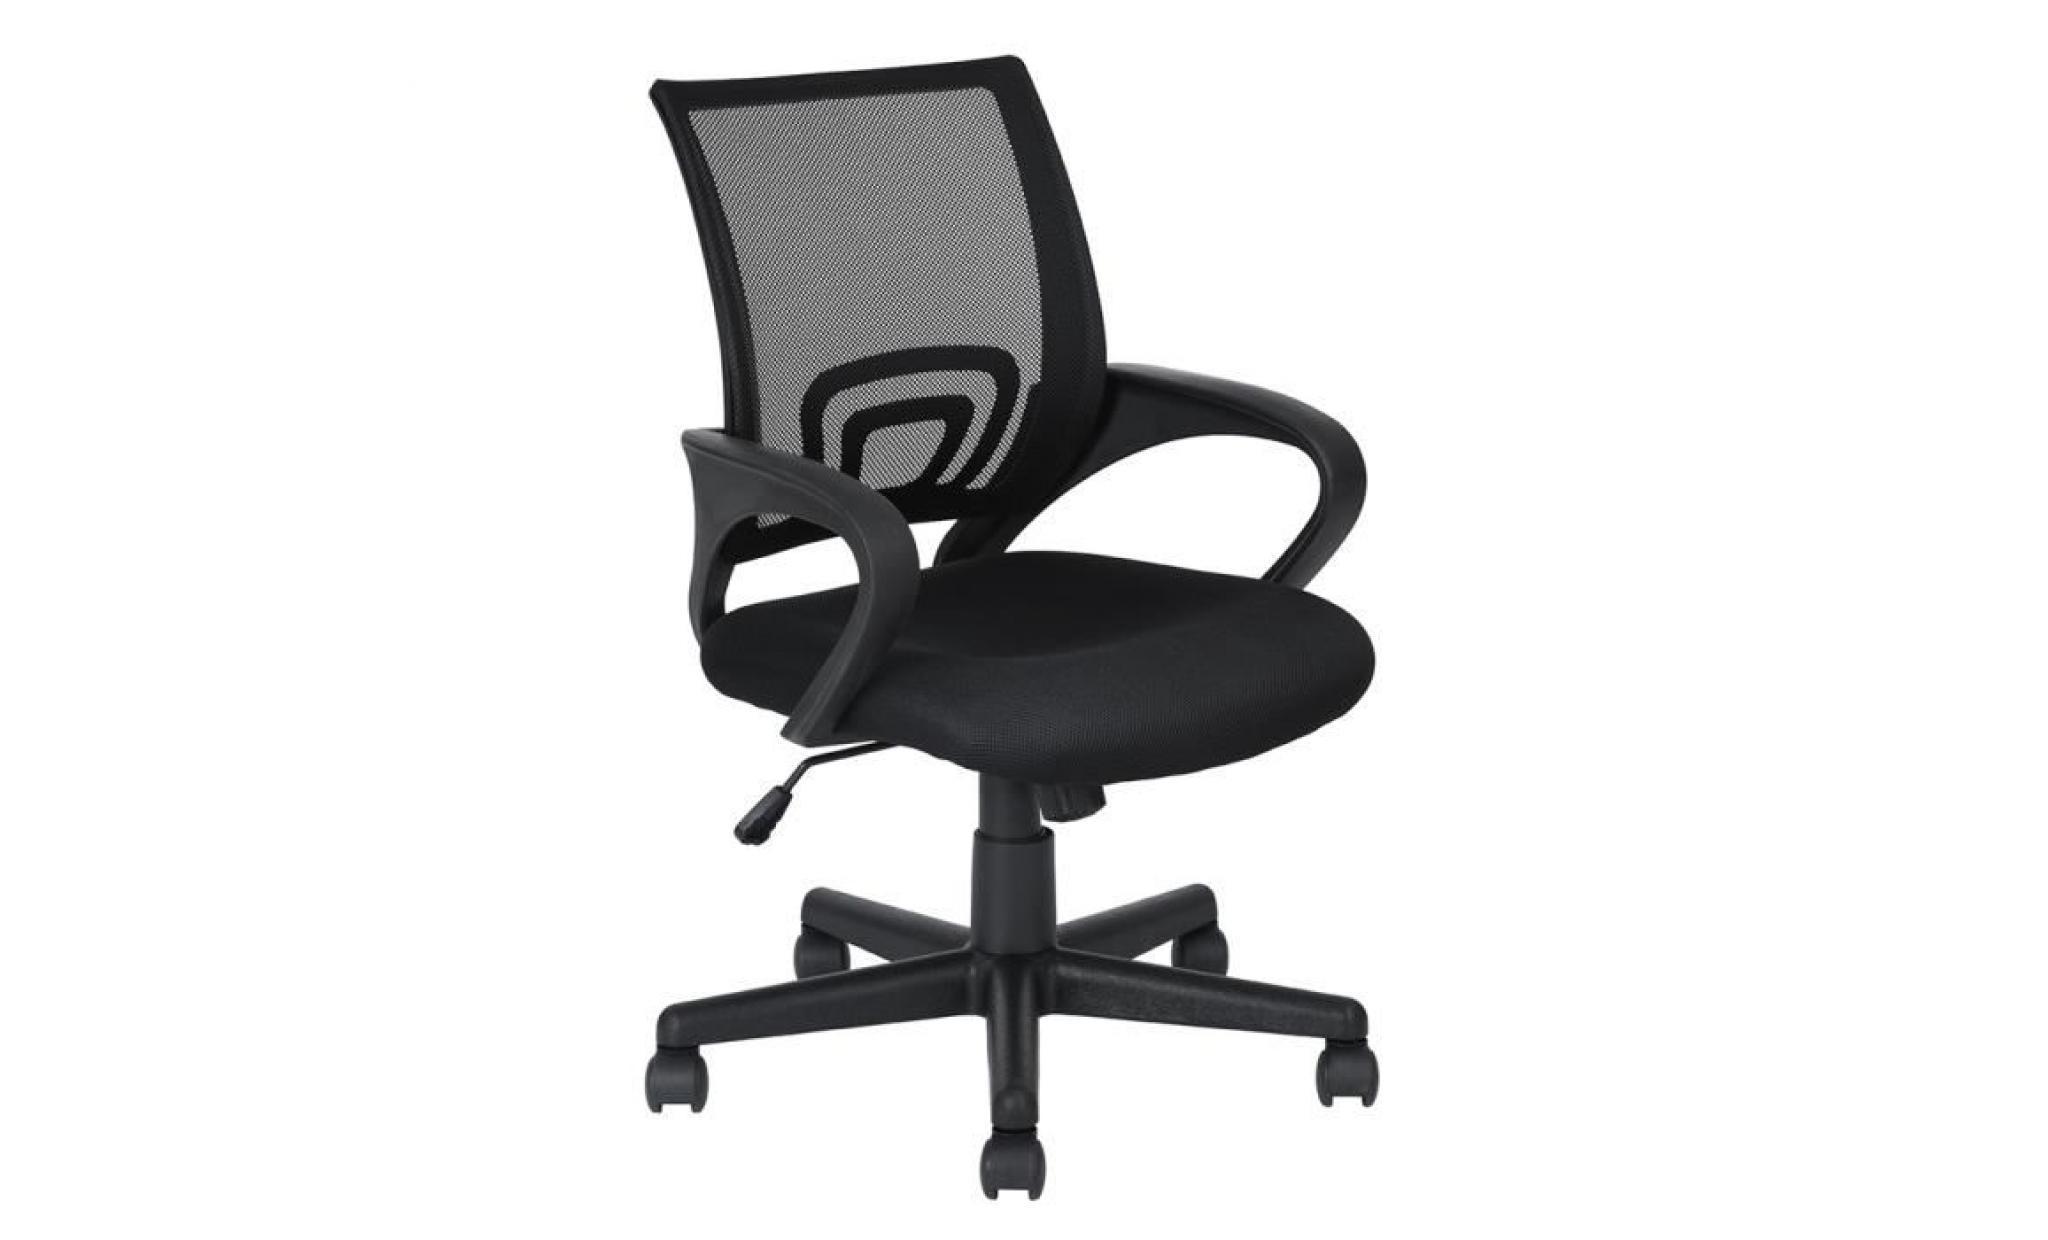 Fauteuil 104cm De Pp Pivotant 360 Bureau Chaise 59 Confortable Réglable 92 Réseau 58 Noir À Plastique wOkZiTPXul